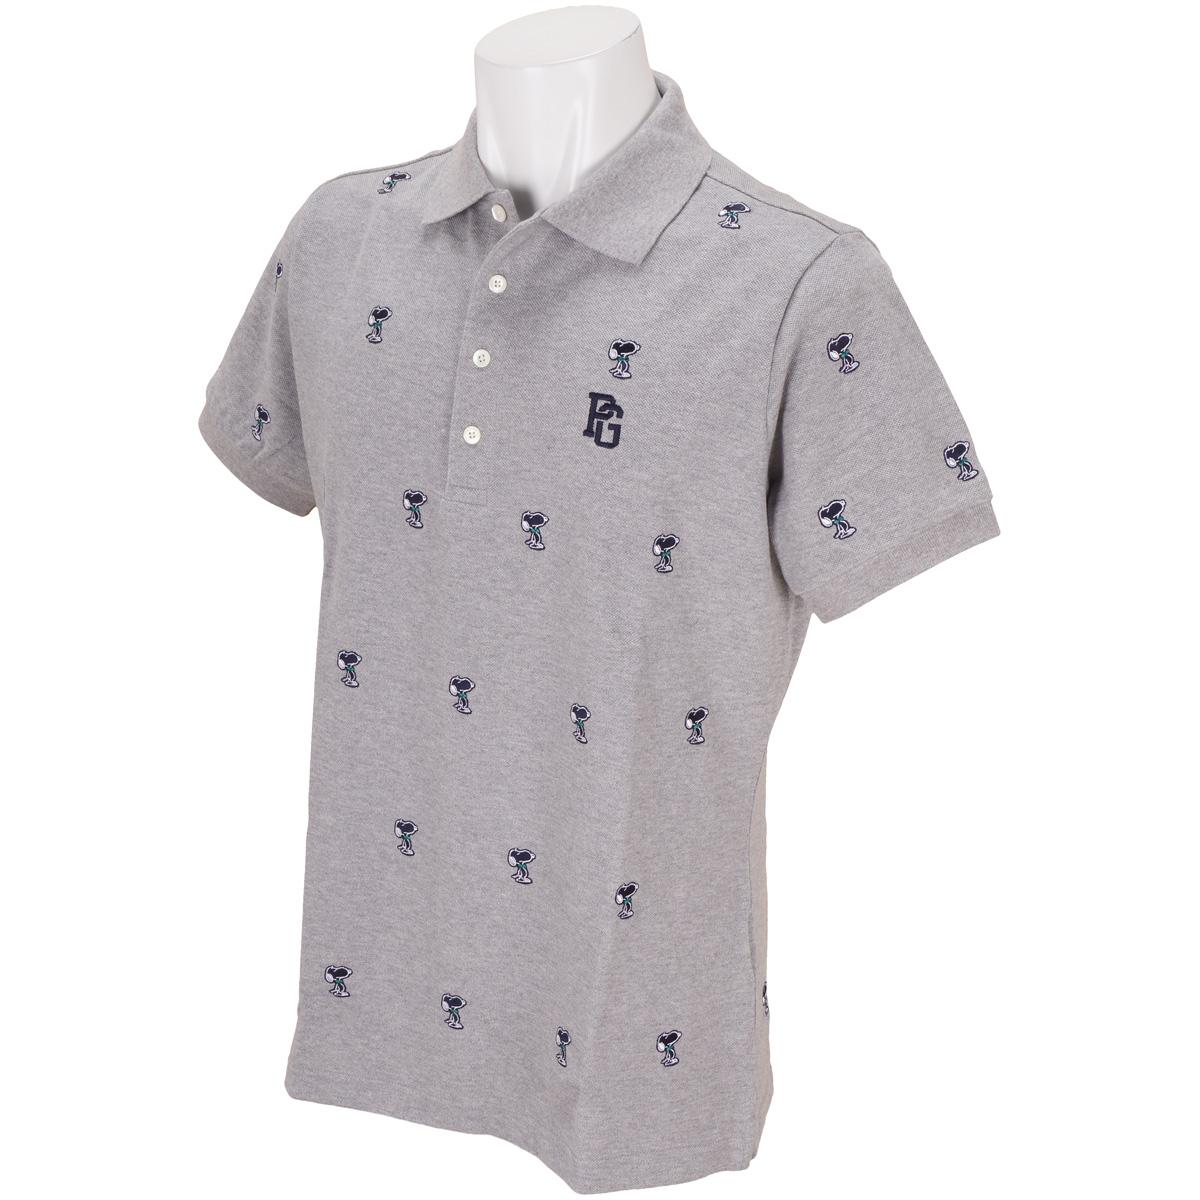 鹿の子 SNOOPYエンブ 半袖ポロシャツ